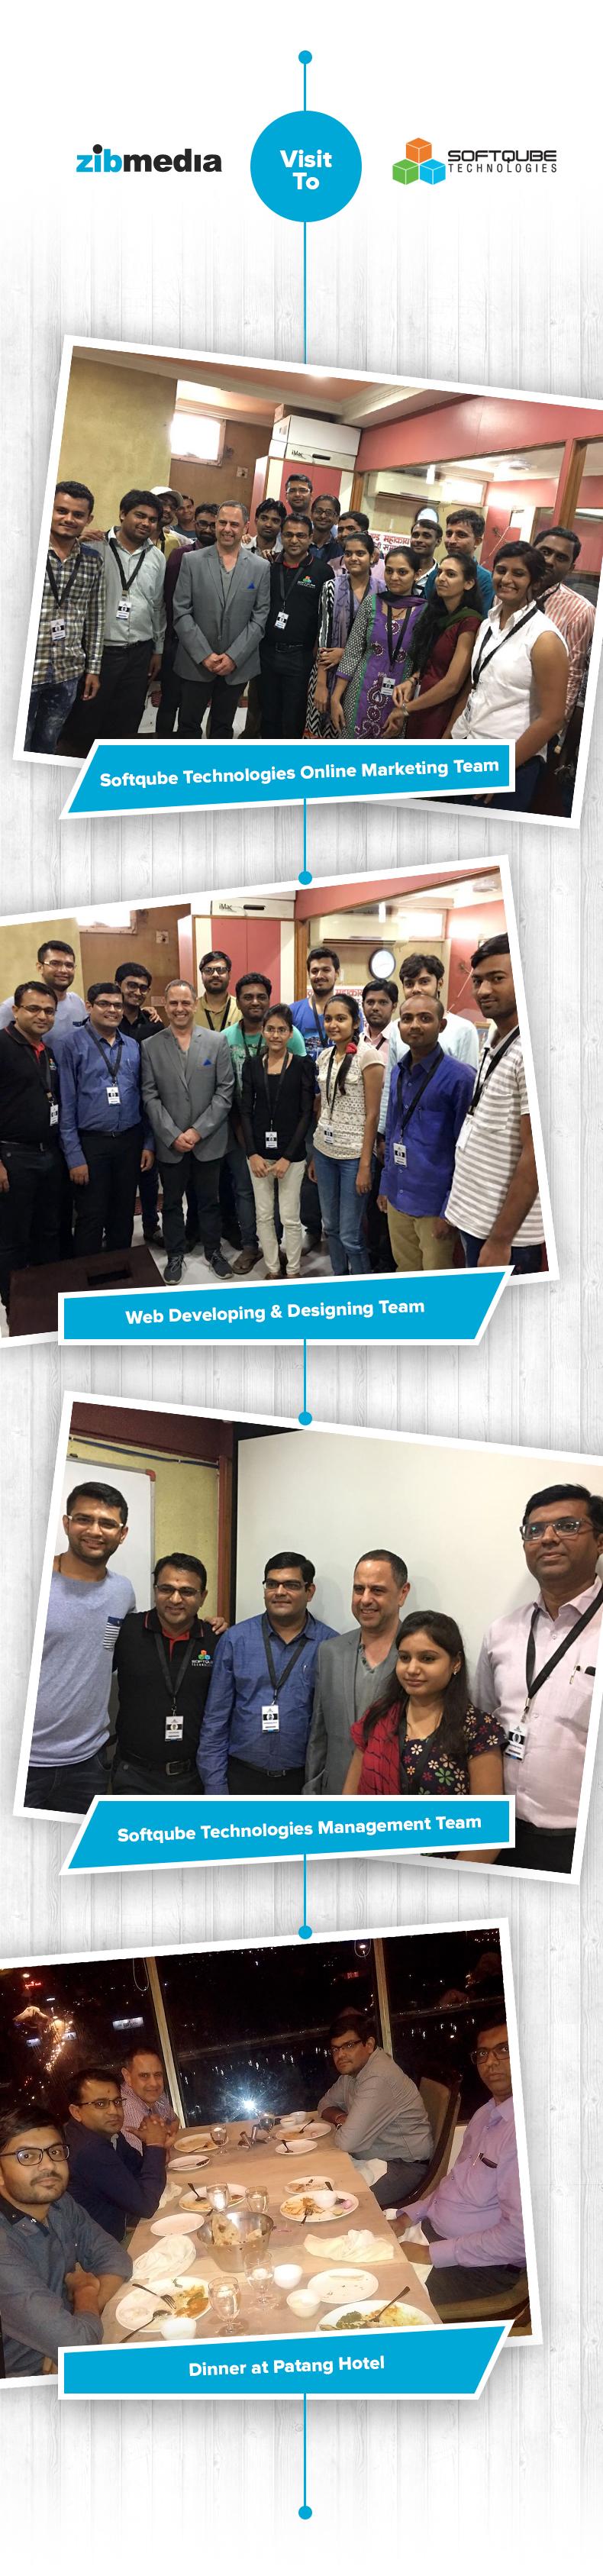 welcomed-zibmedia-to-india